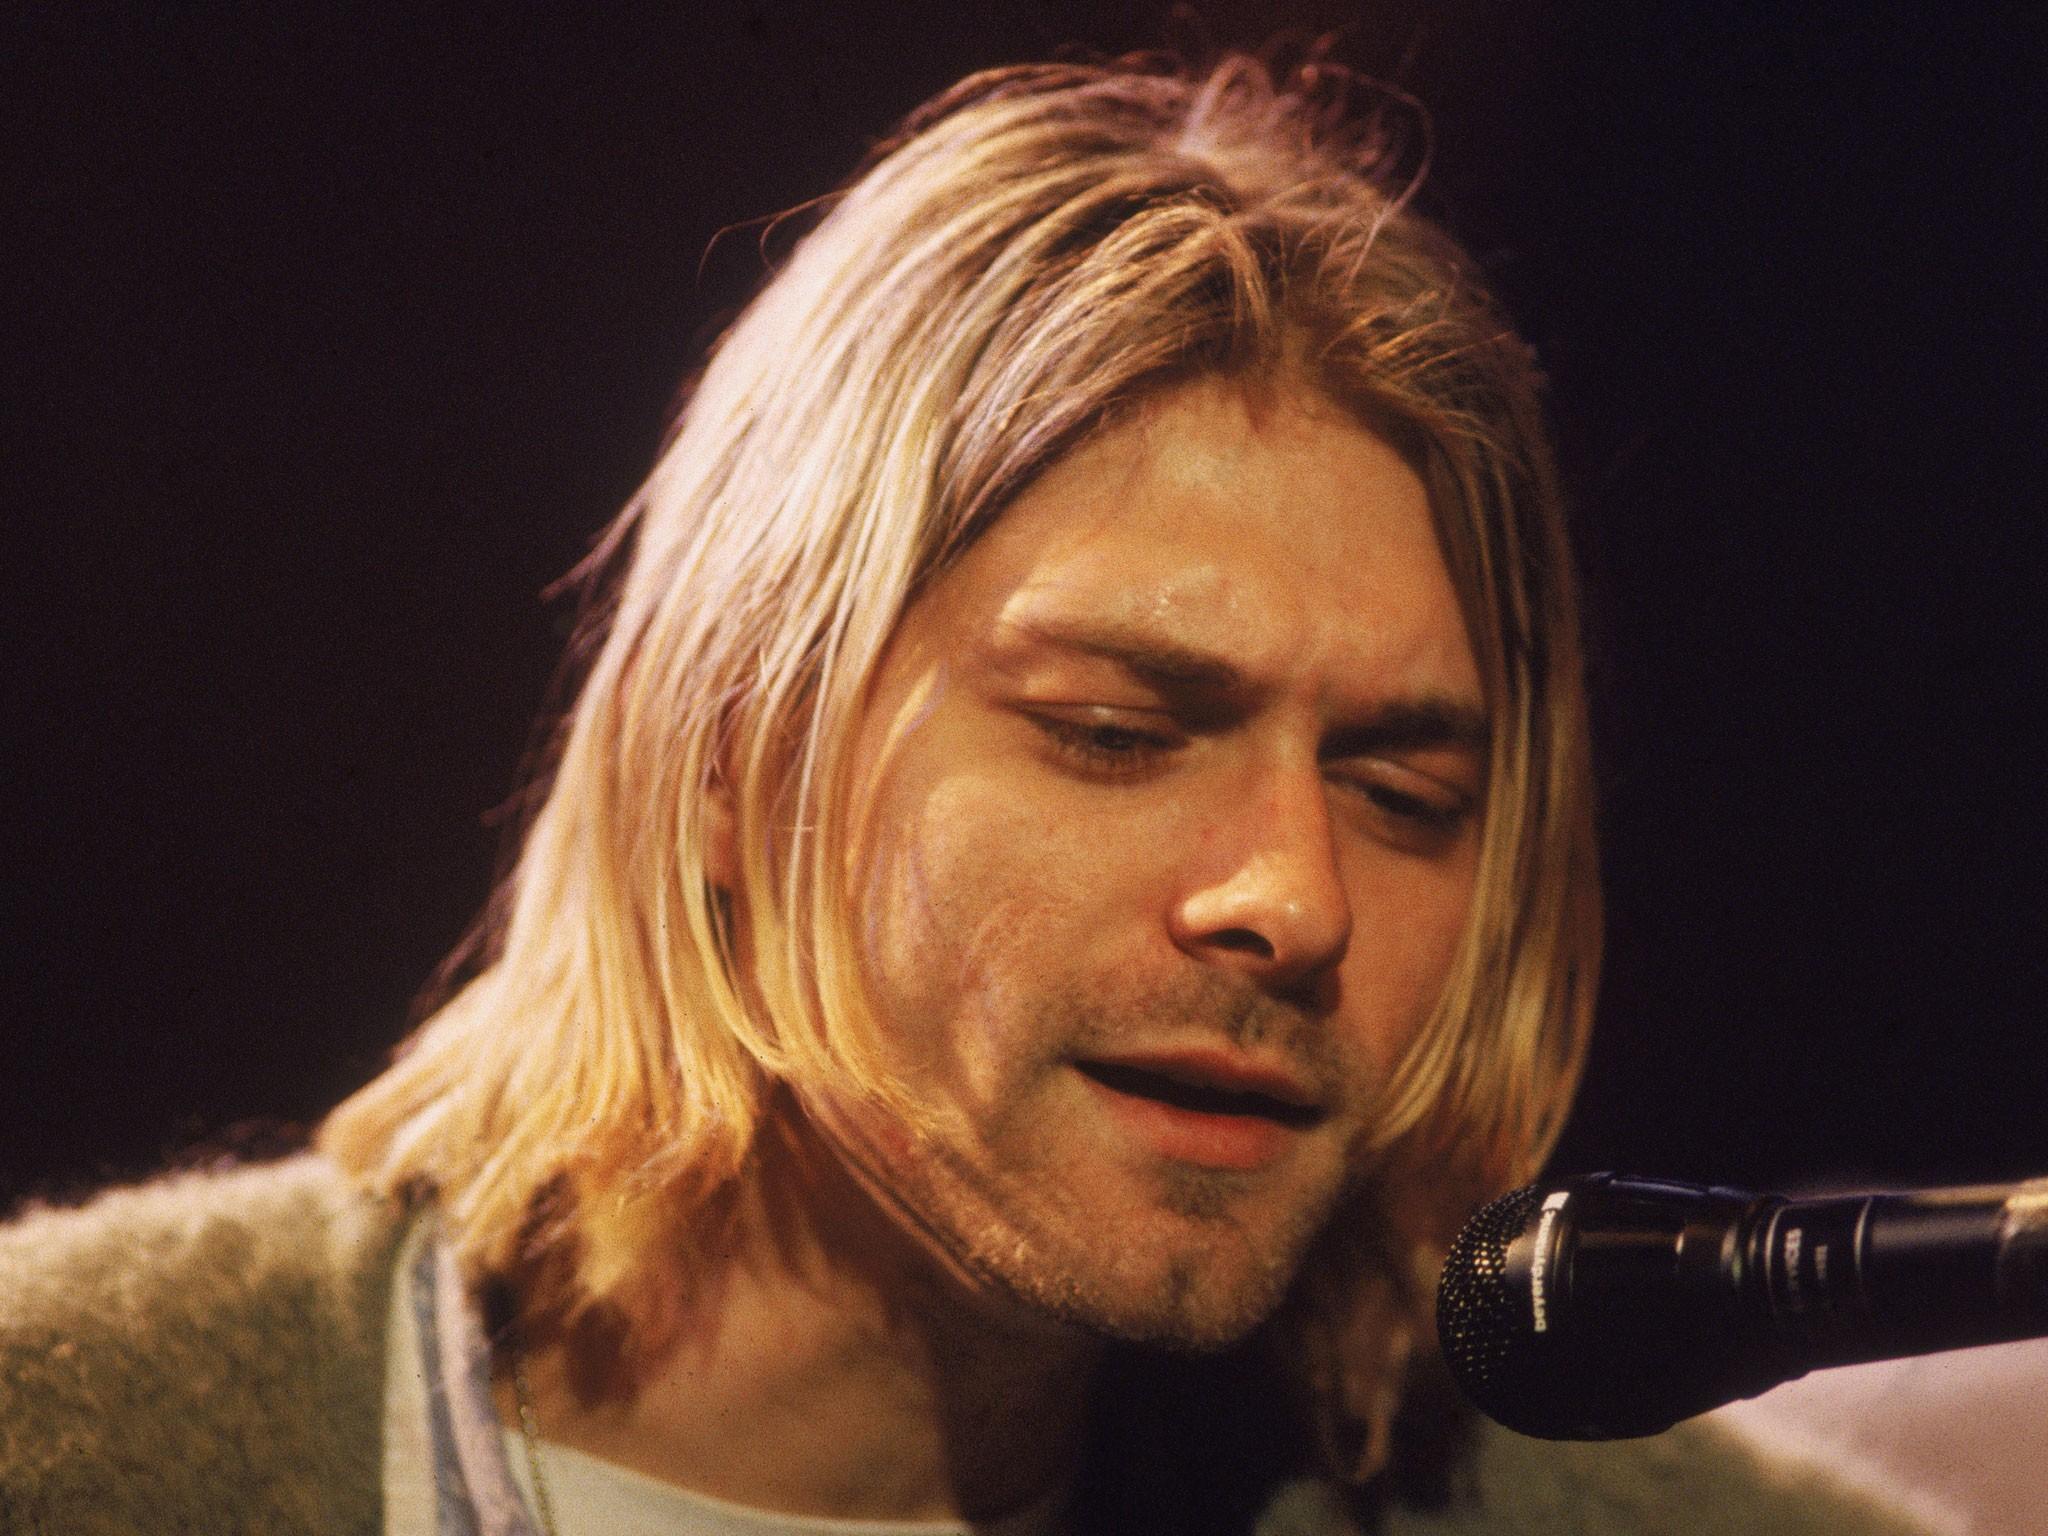 Наоткрытом аукционе реализуют последнюю гитару Курта Кобейна